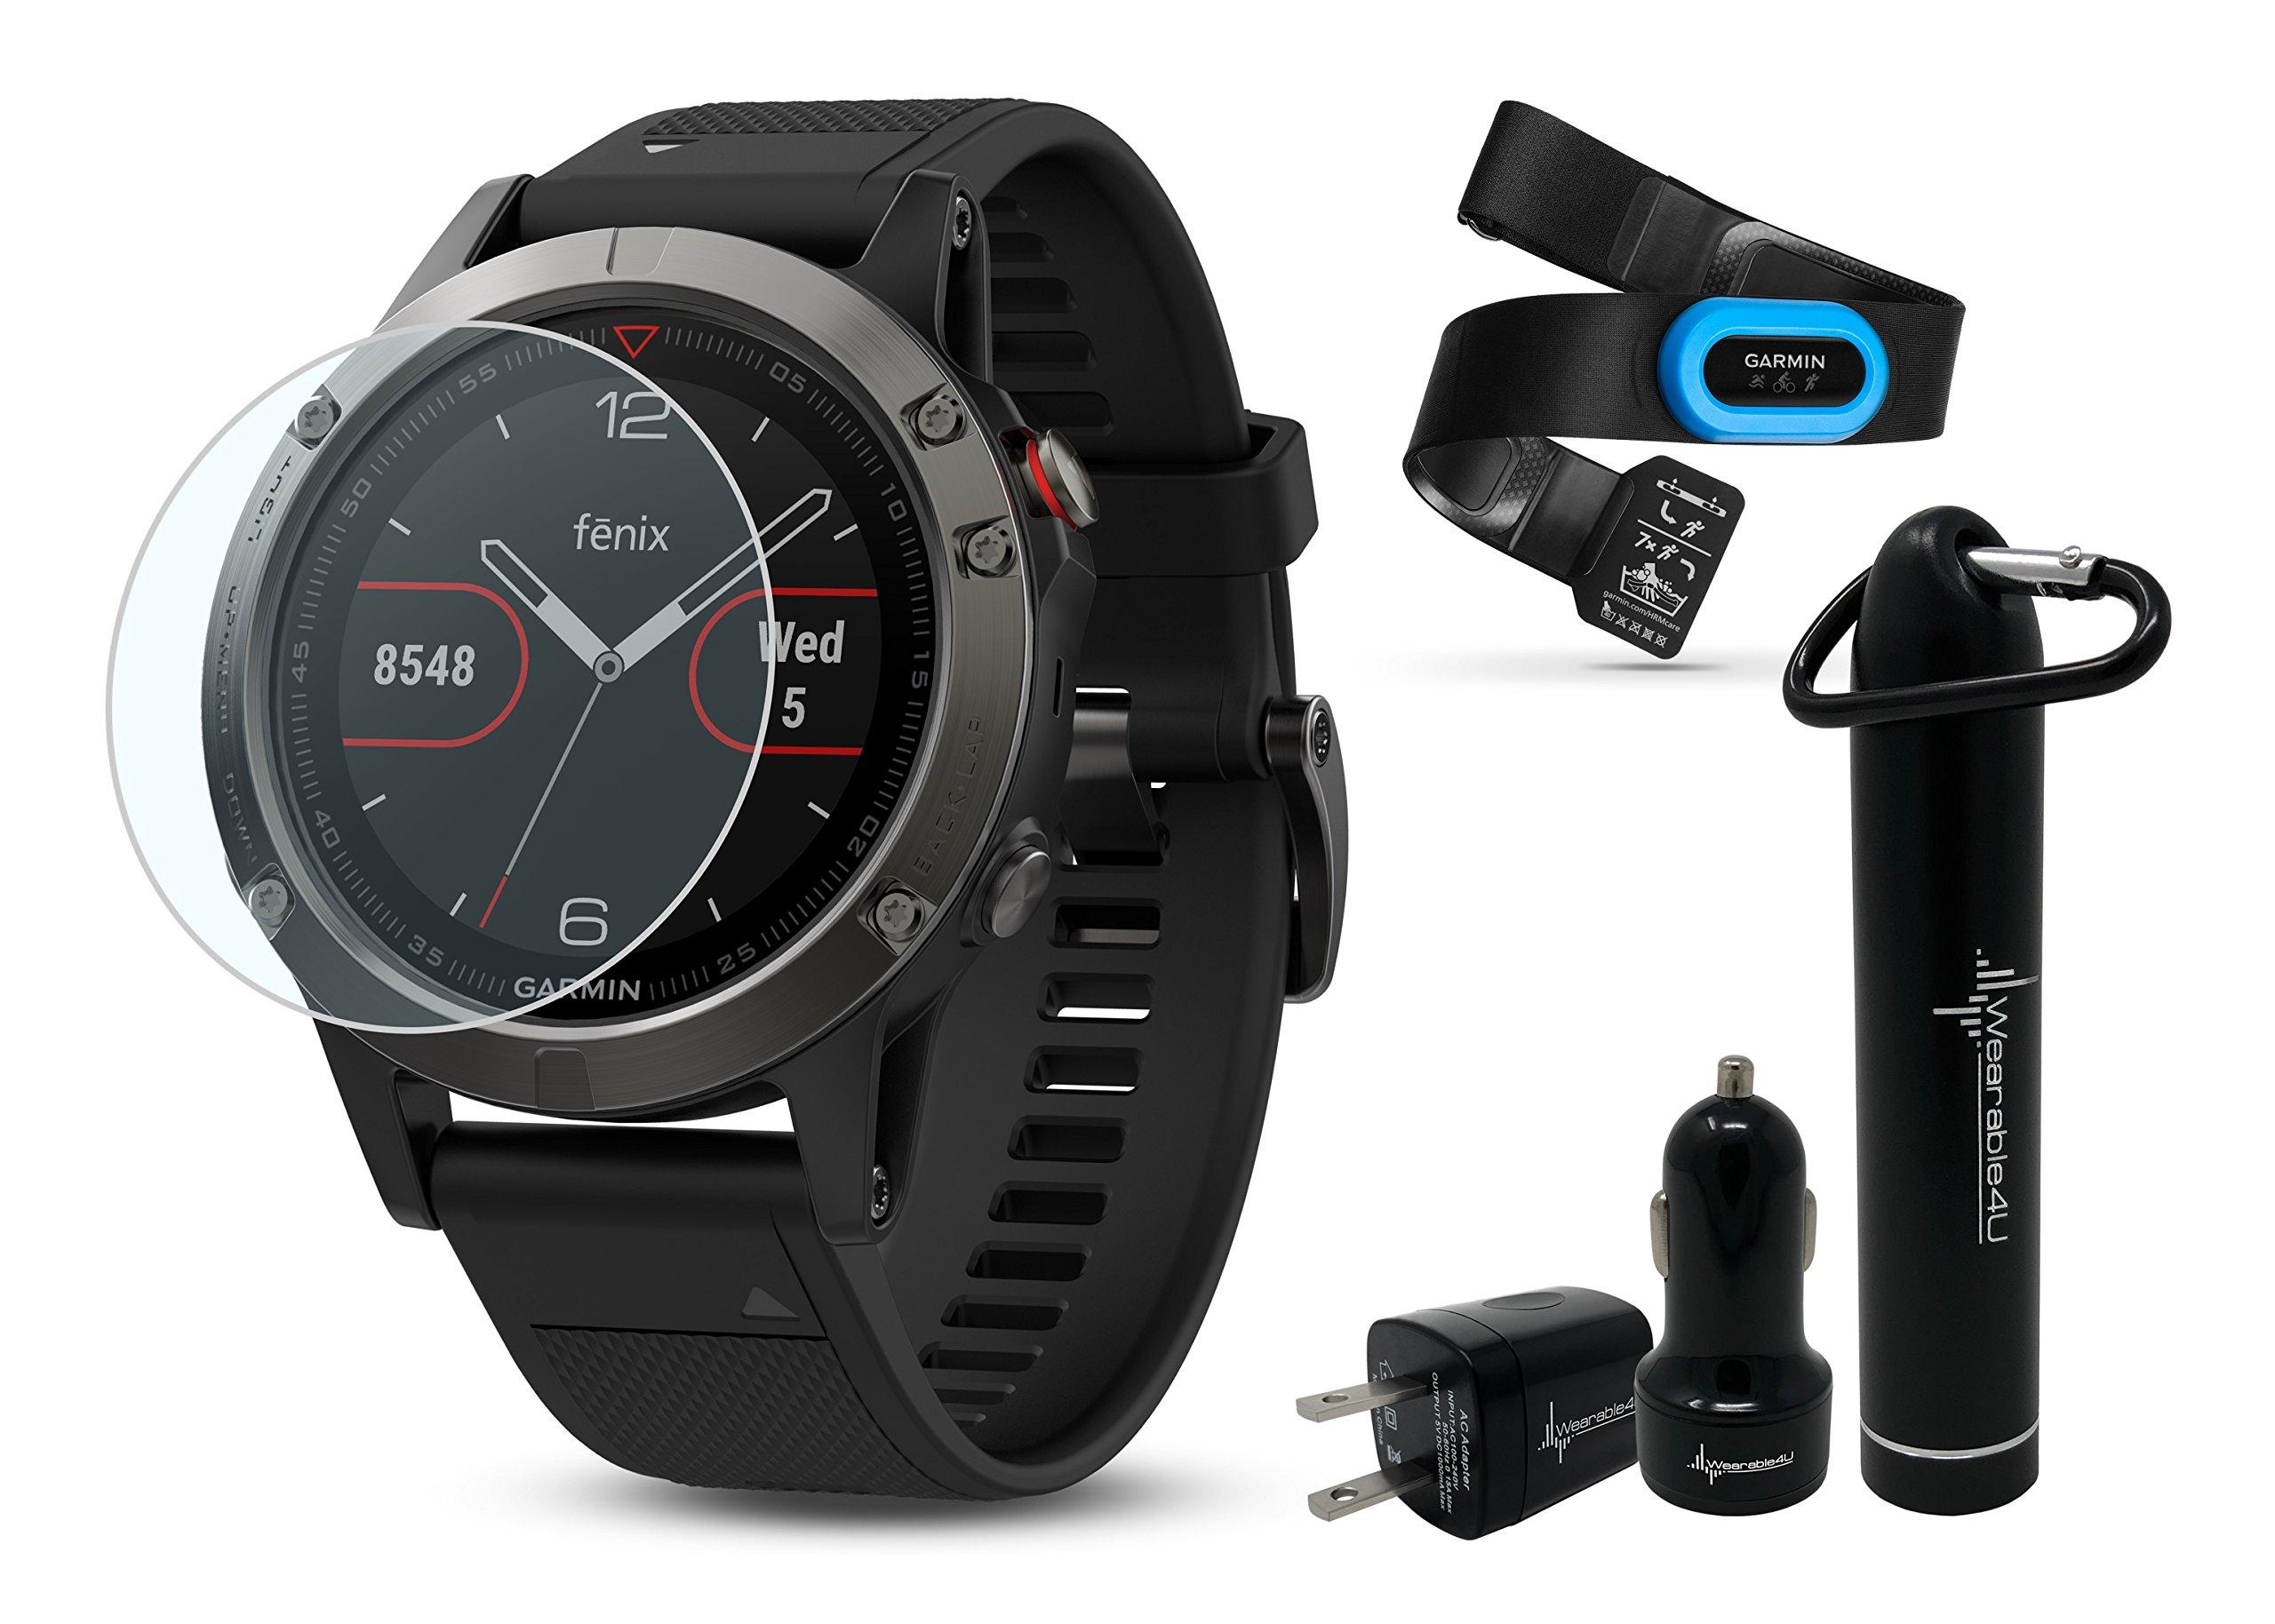 Garmin Fenix 5 GPS Multisport Watch Ultimate Bundle | Includes Garmin Fenix 5 Watch (47mm), HD Glass Screen Protector, Wearable4U Power Bank, Wearable4U Car / Wall USB Charging Adapters | by Wearable4U